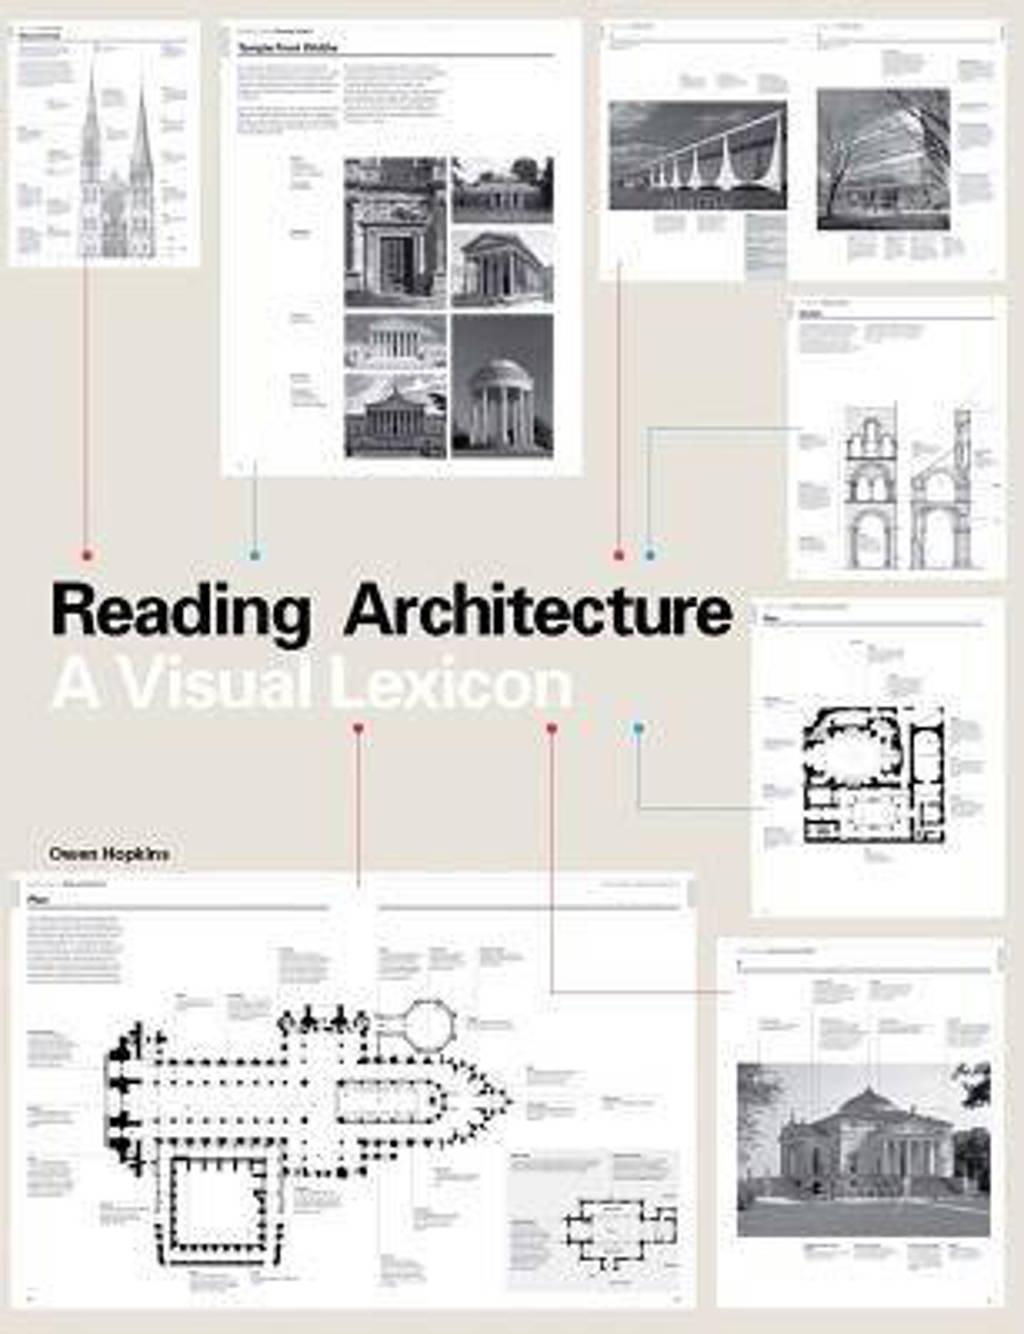 Reading Architecture - Hopkins, Owen